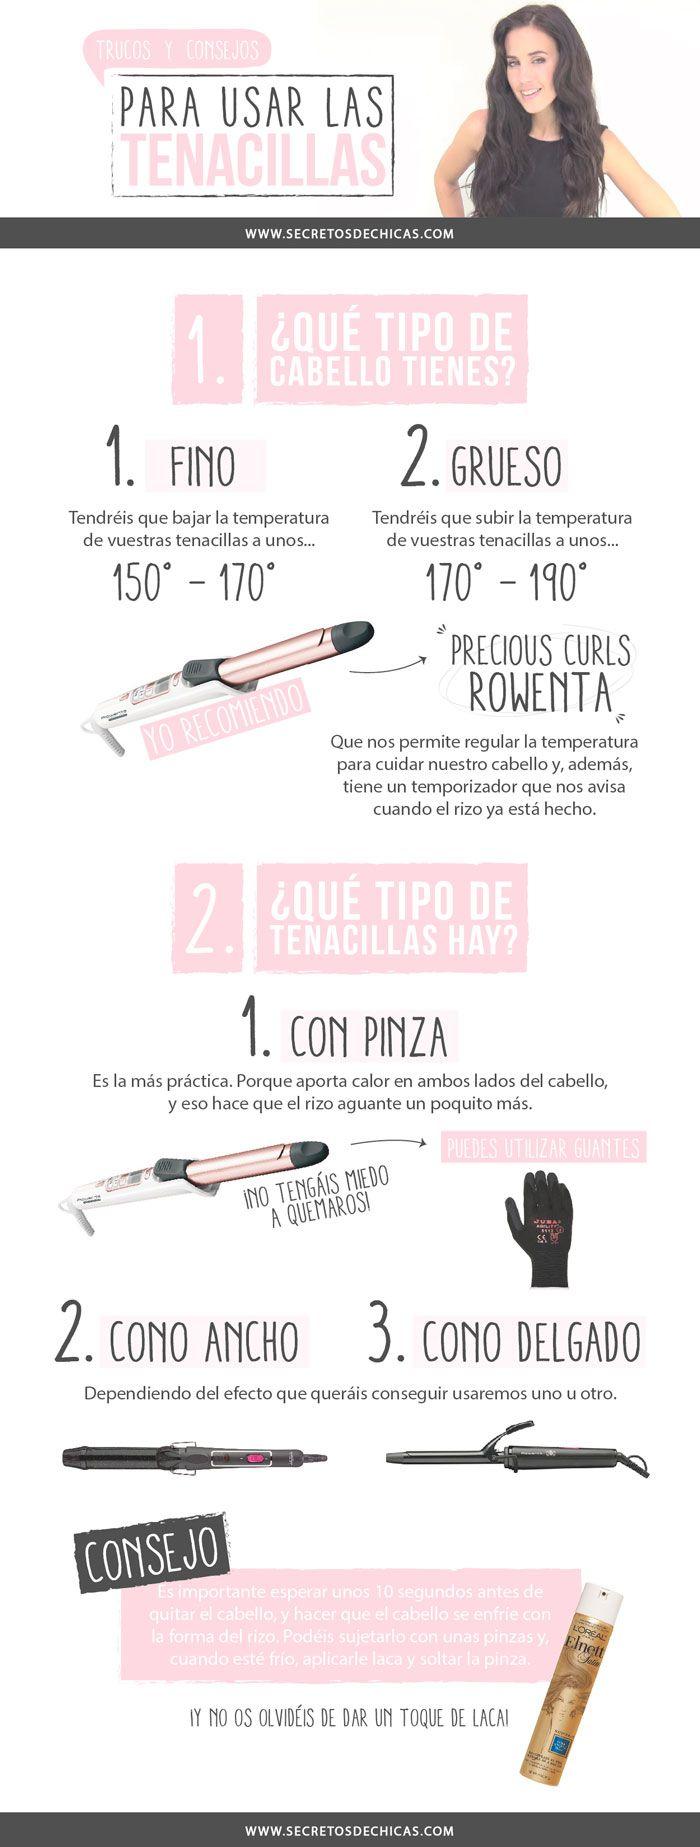 Trucos y Consejos Para Usar Las Tenacillas _ Por Secretos De Chicas